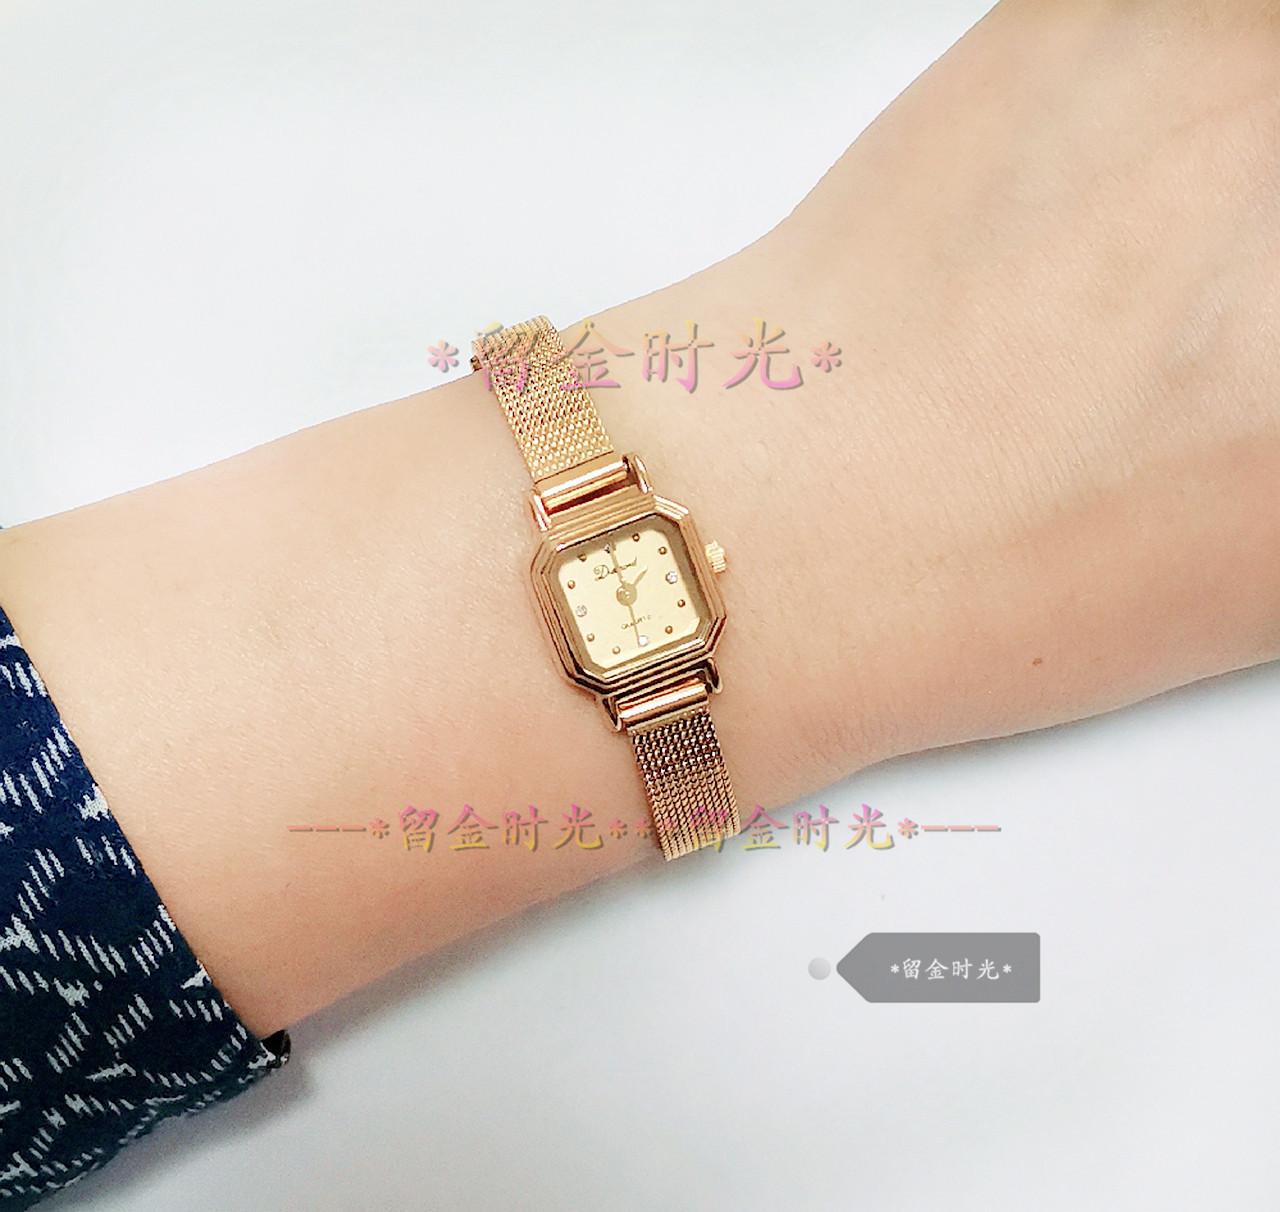 库存手表全新钻石牌迷你超小款进口机芯方形石英编织带女手表481